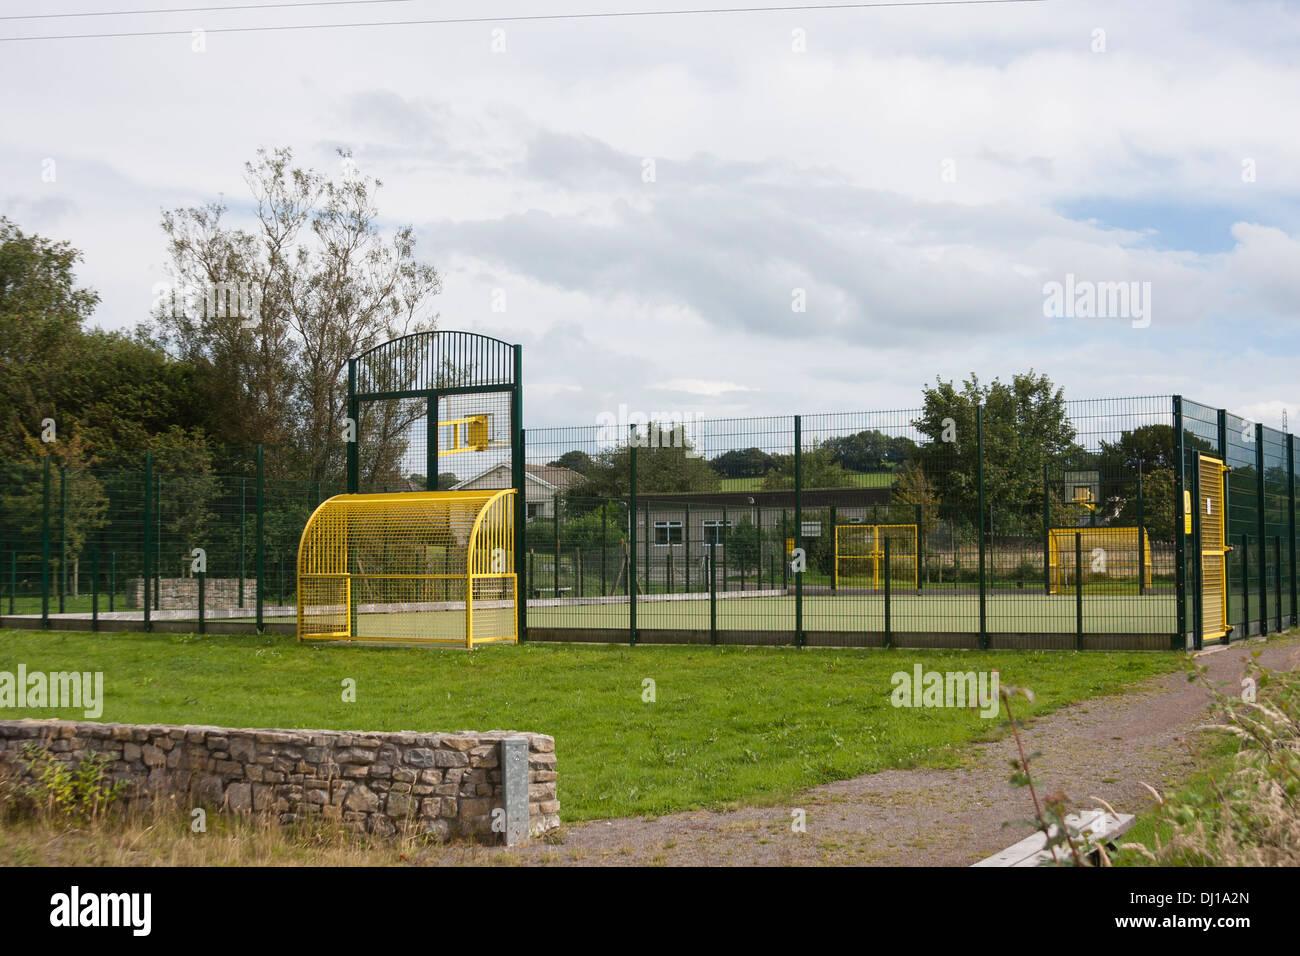 Campo de deportes escolares con valla de seguridad Imagen De Stock